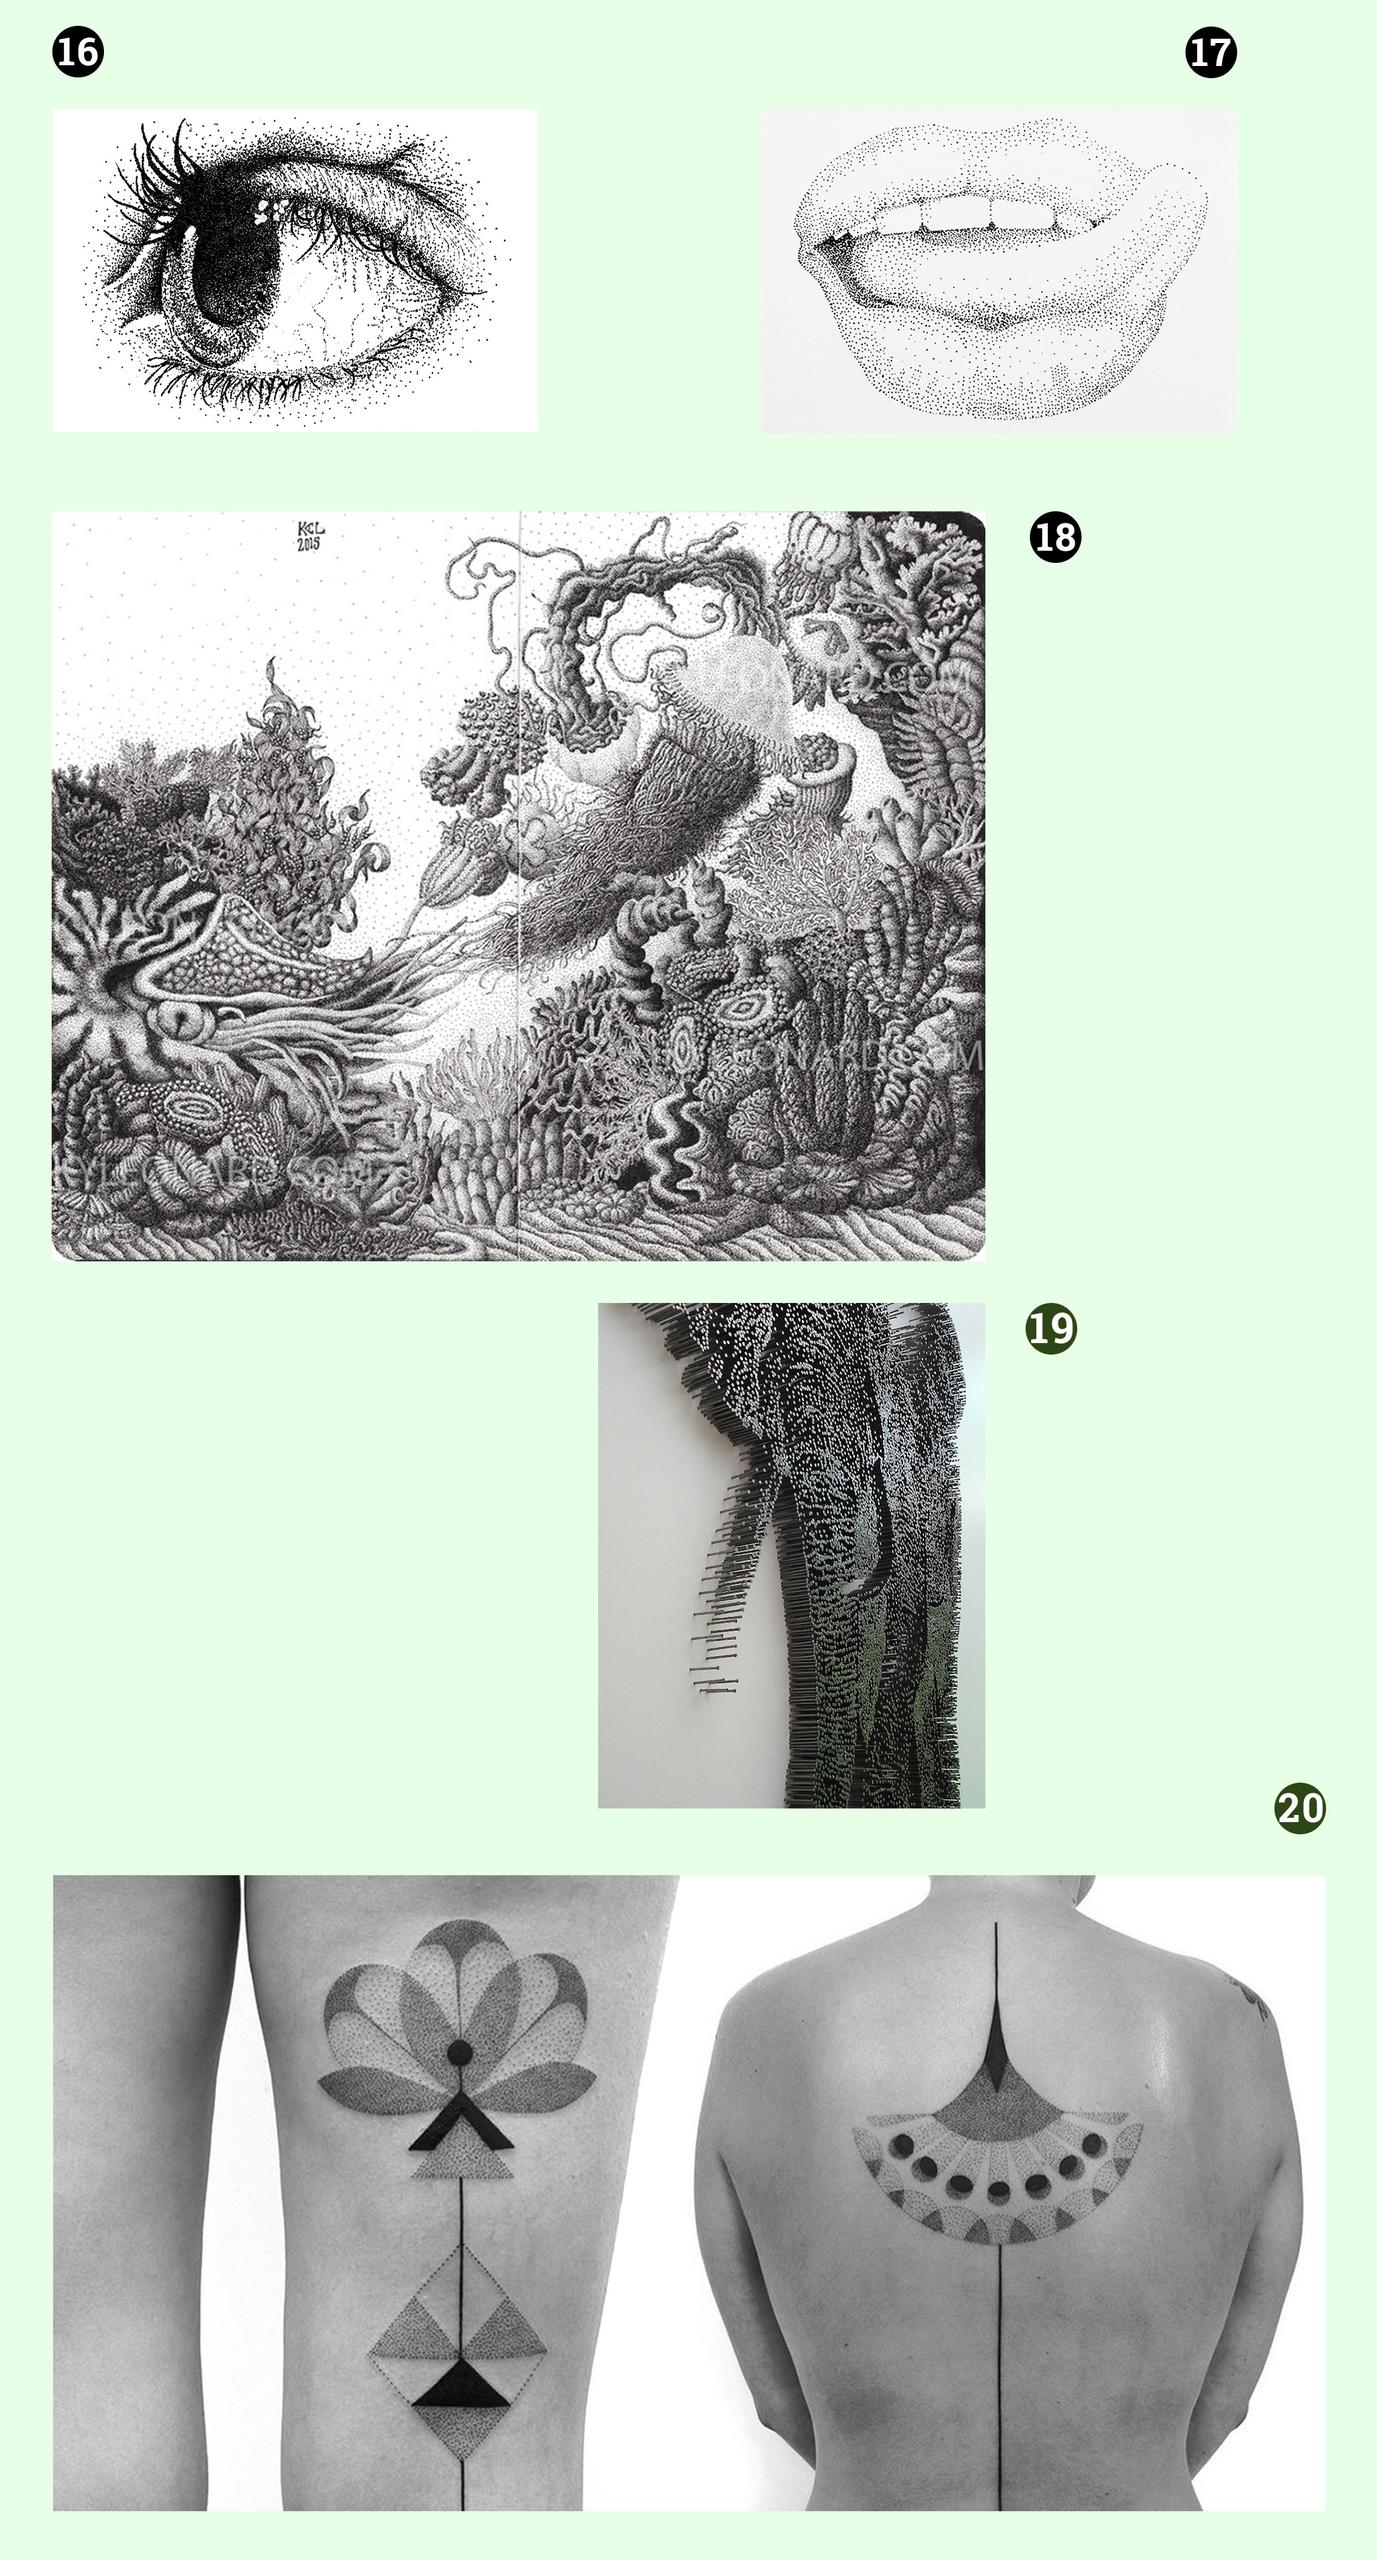 Obraz przedstawia pięć czarno-białych fotografii. Widzimy rysunki oka, ust, fragment rzeźby i tatuaż.